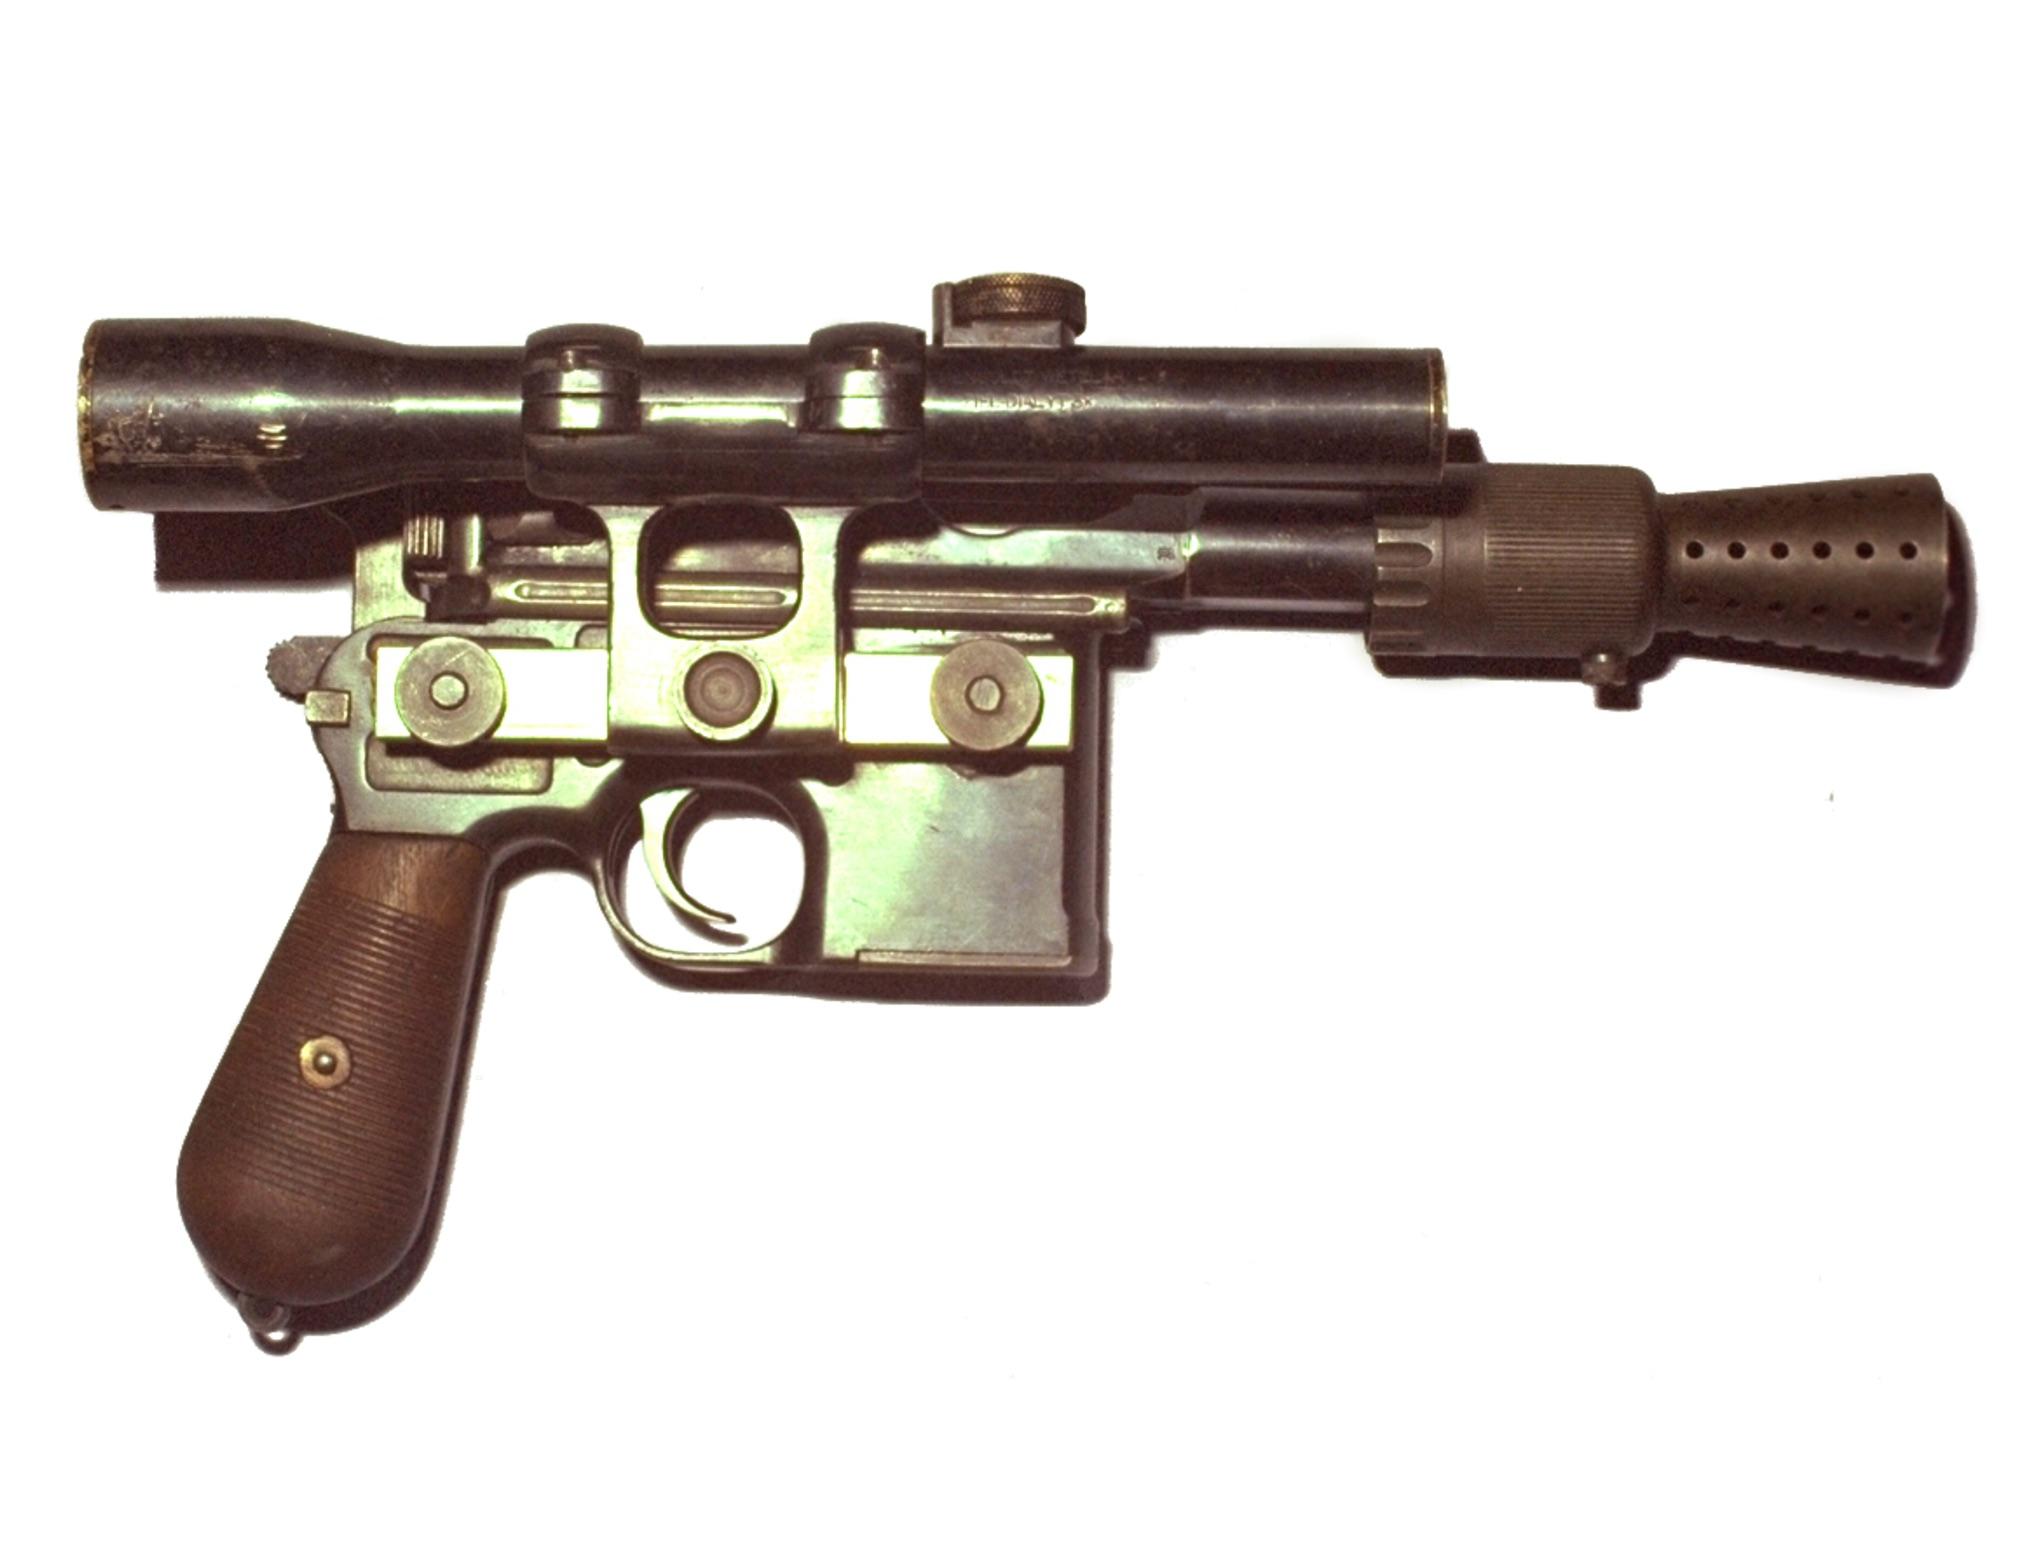 65F1C95F-59B4-49CF-8B14-FD47CFA6F513.jpeg